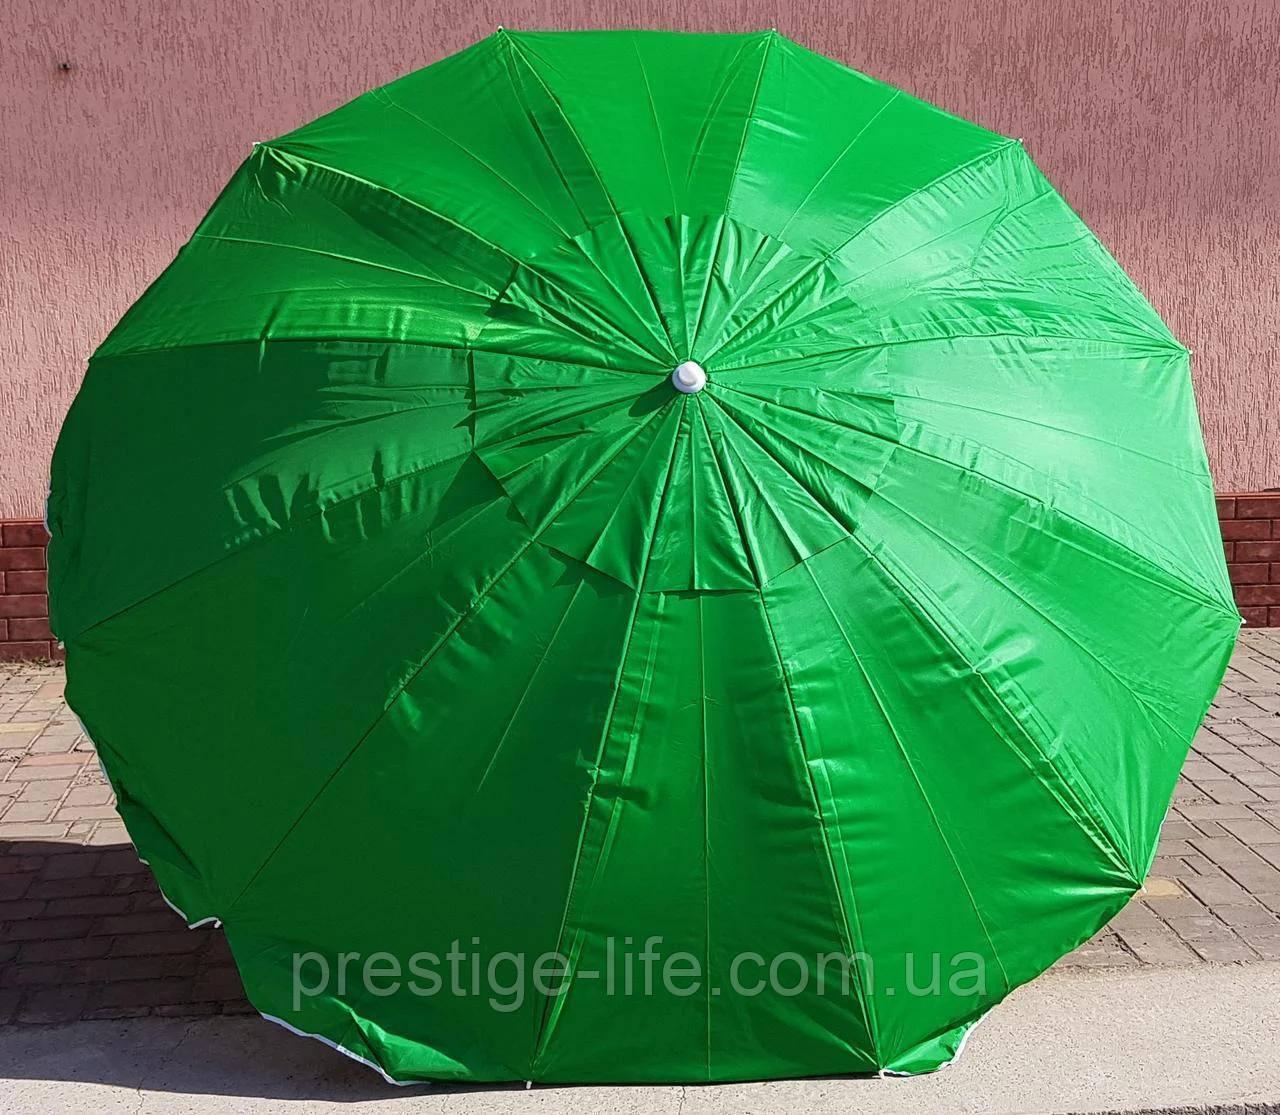 Садовой, торговый, пляжный Зонт диаметром 3 м, с 10 спицами. Пластиковые спицы. Серебренное покрытие. Зелёный